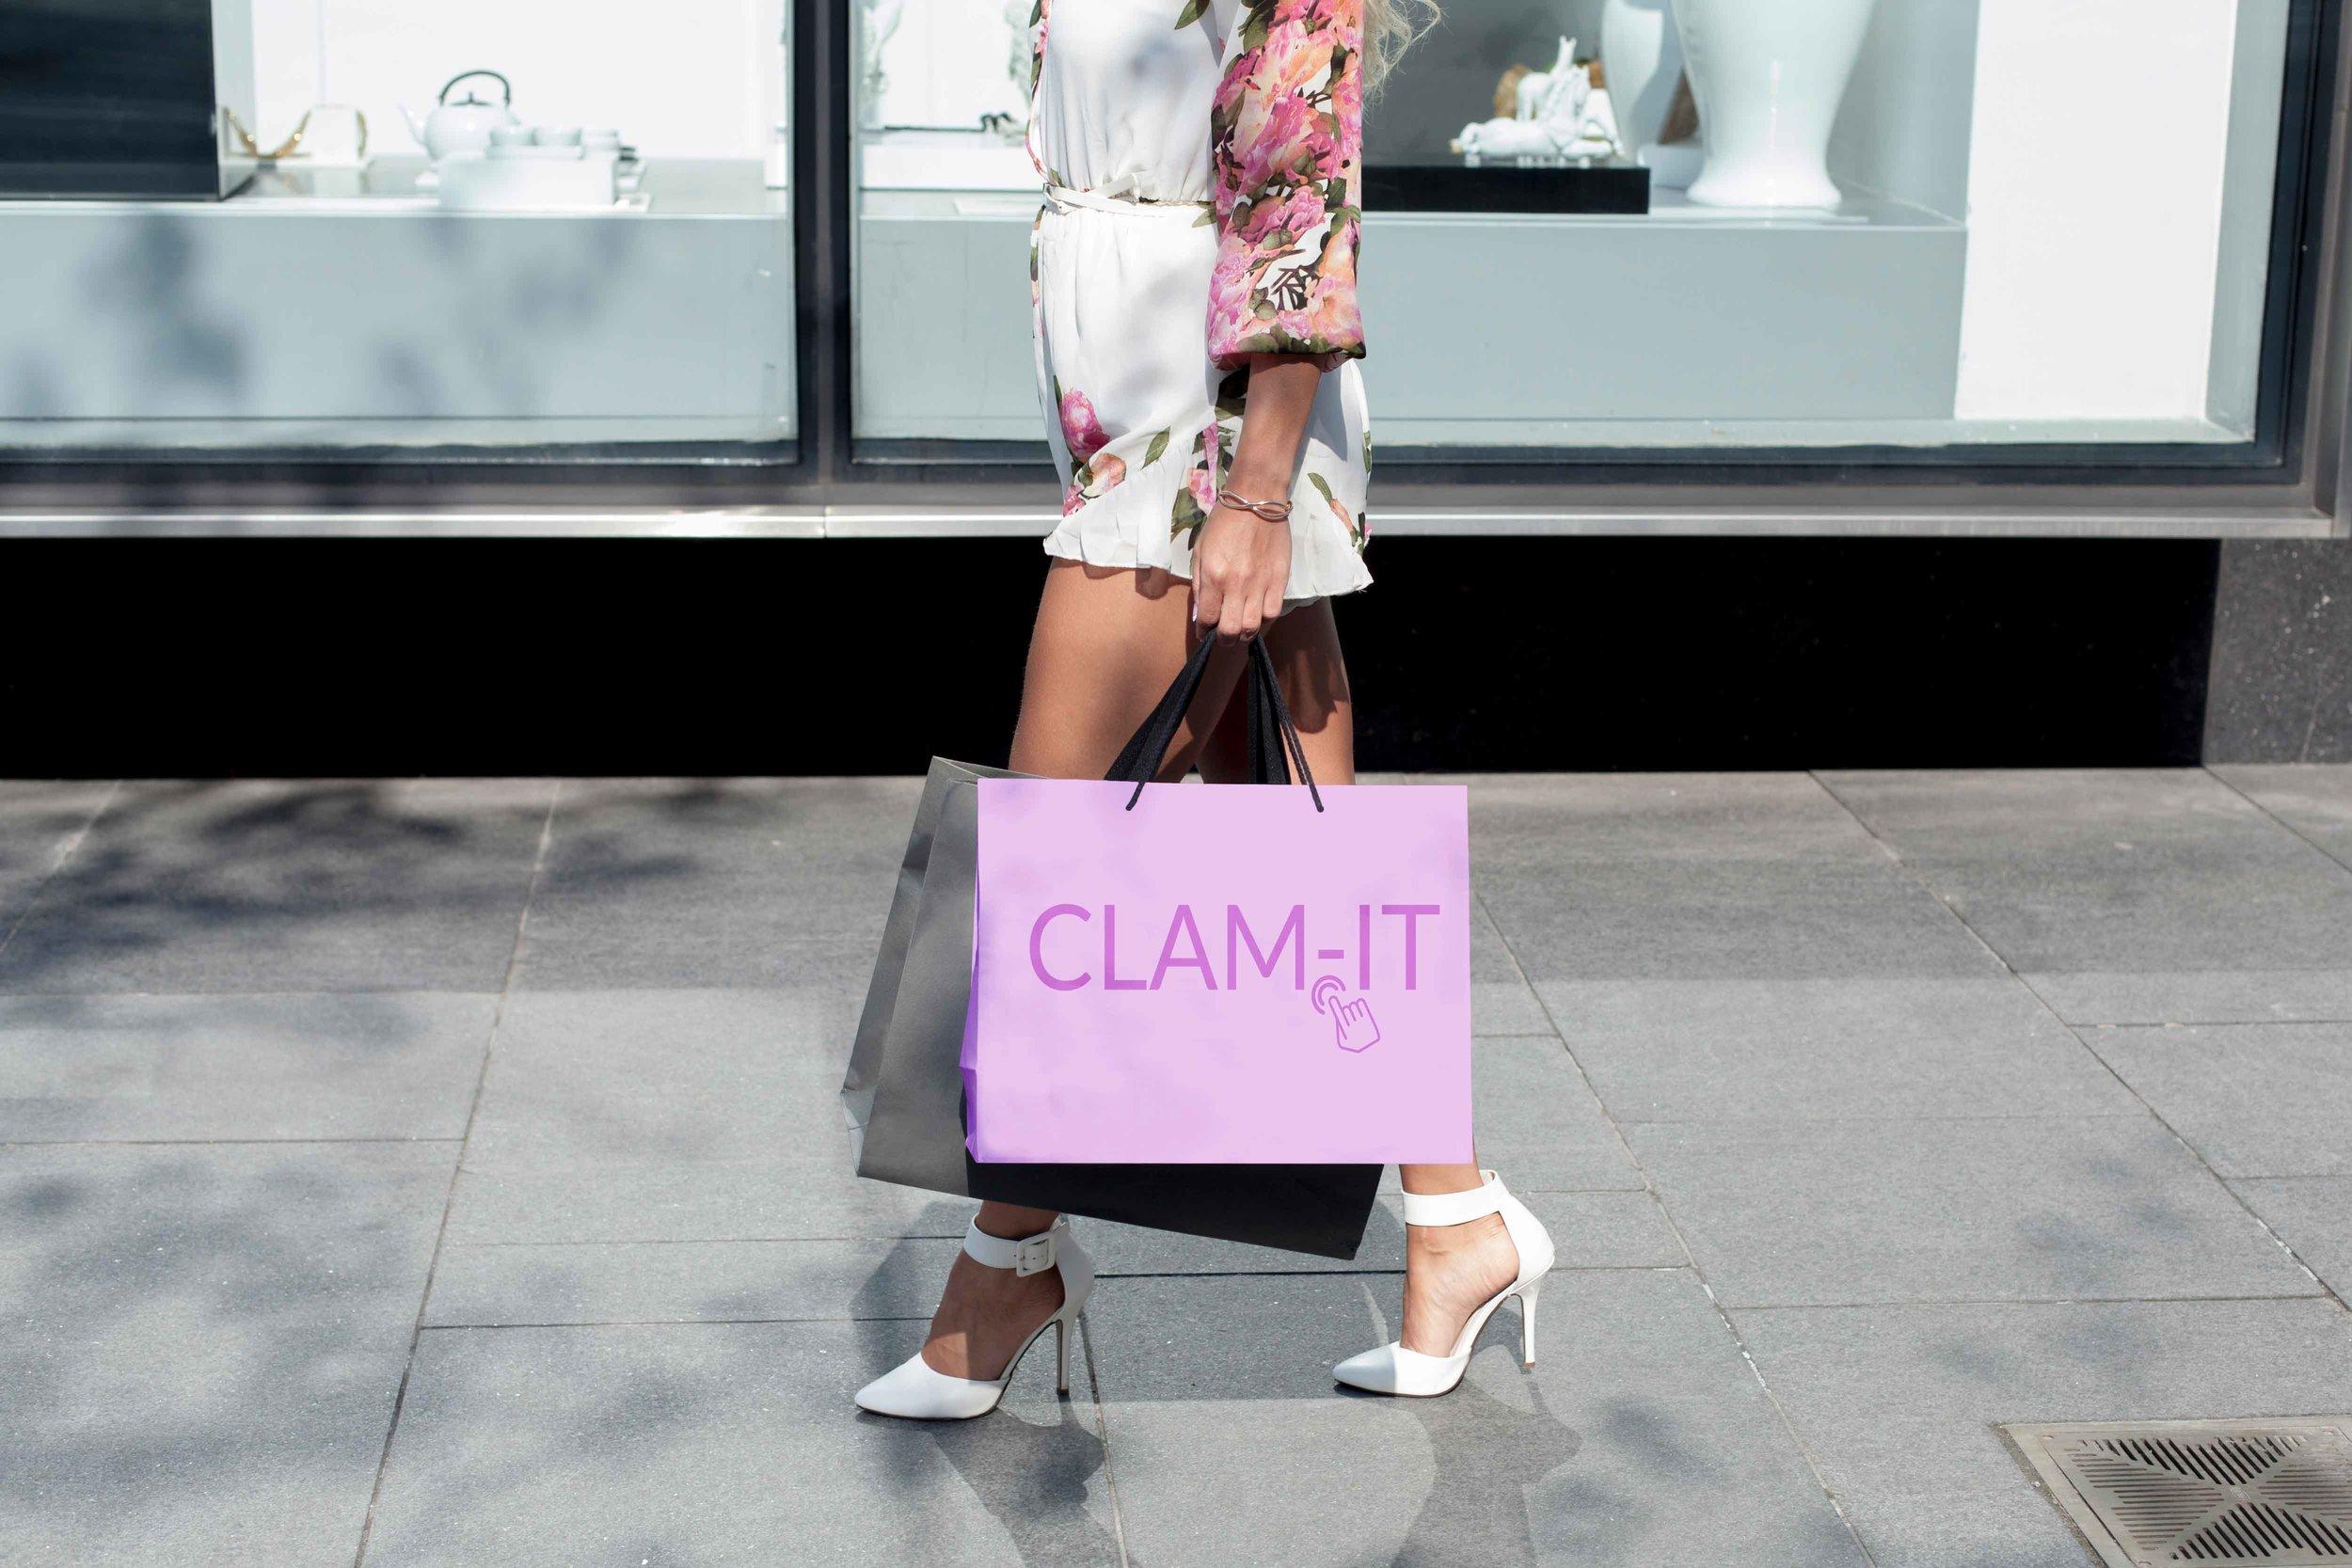 CLAM-IT Webshops für Koblenz